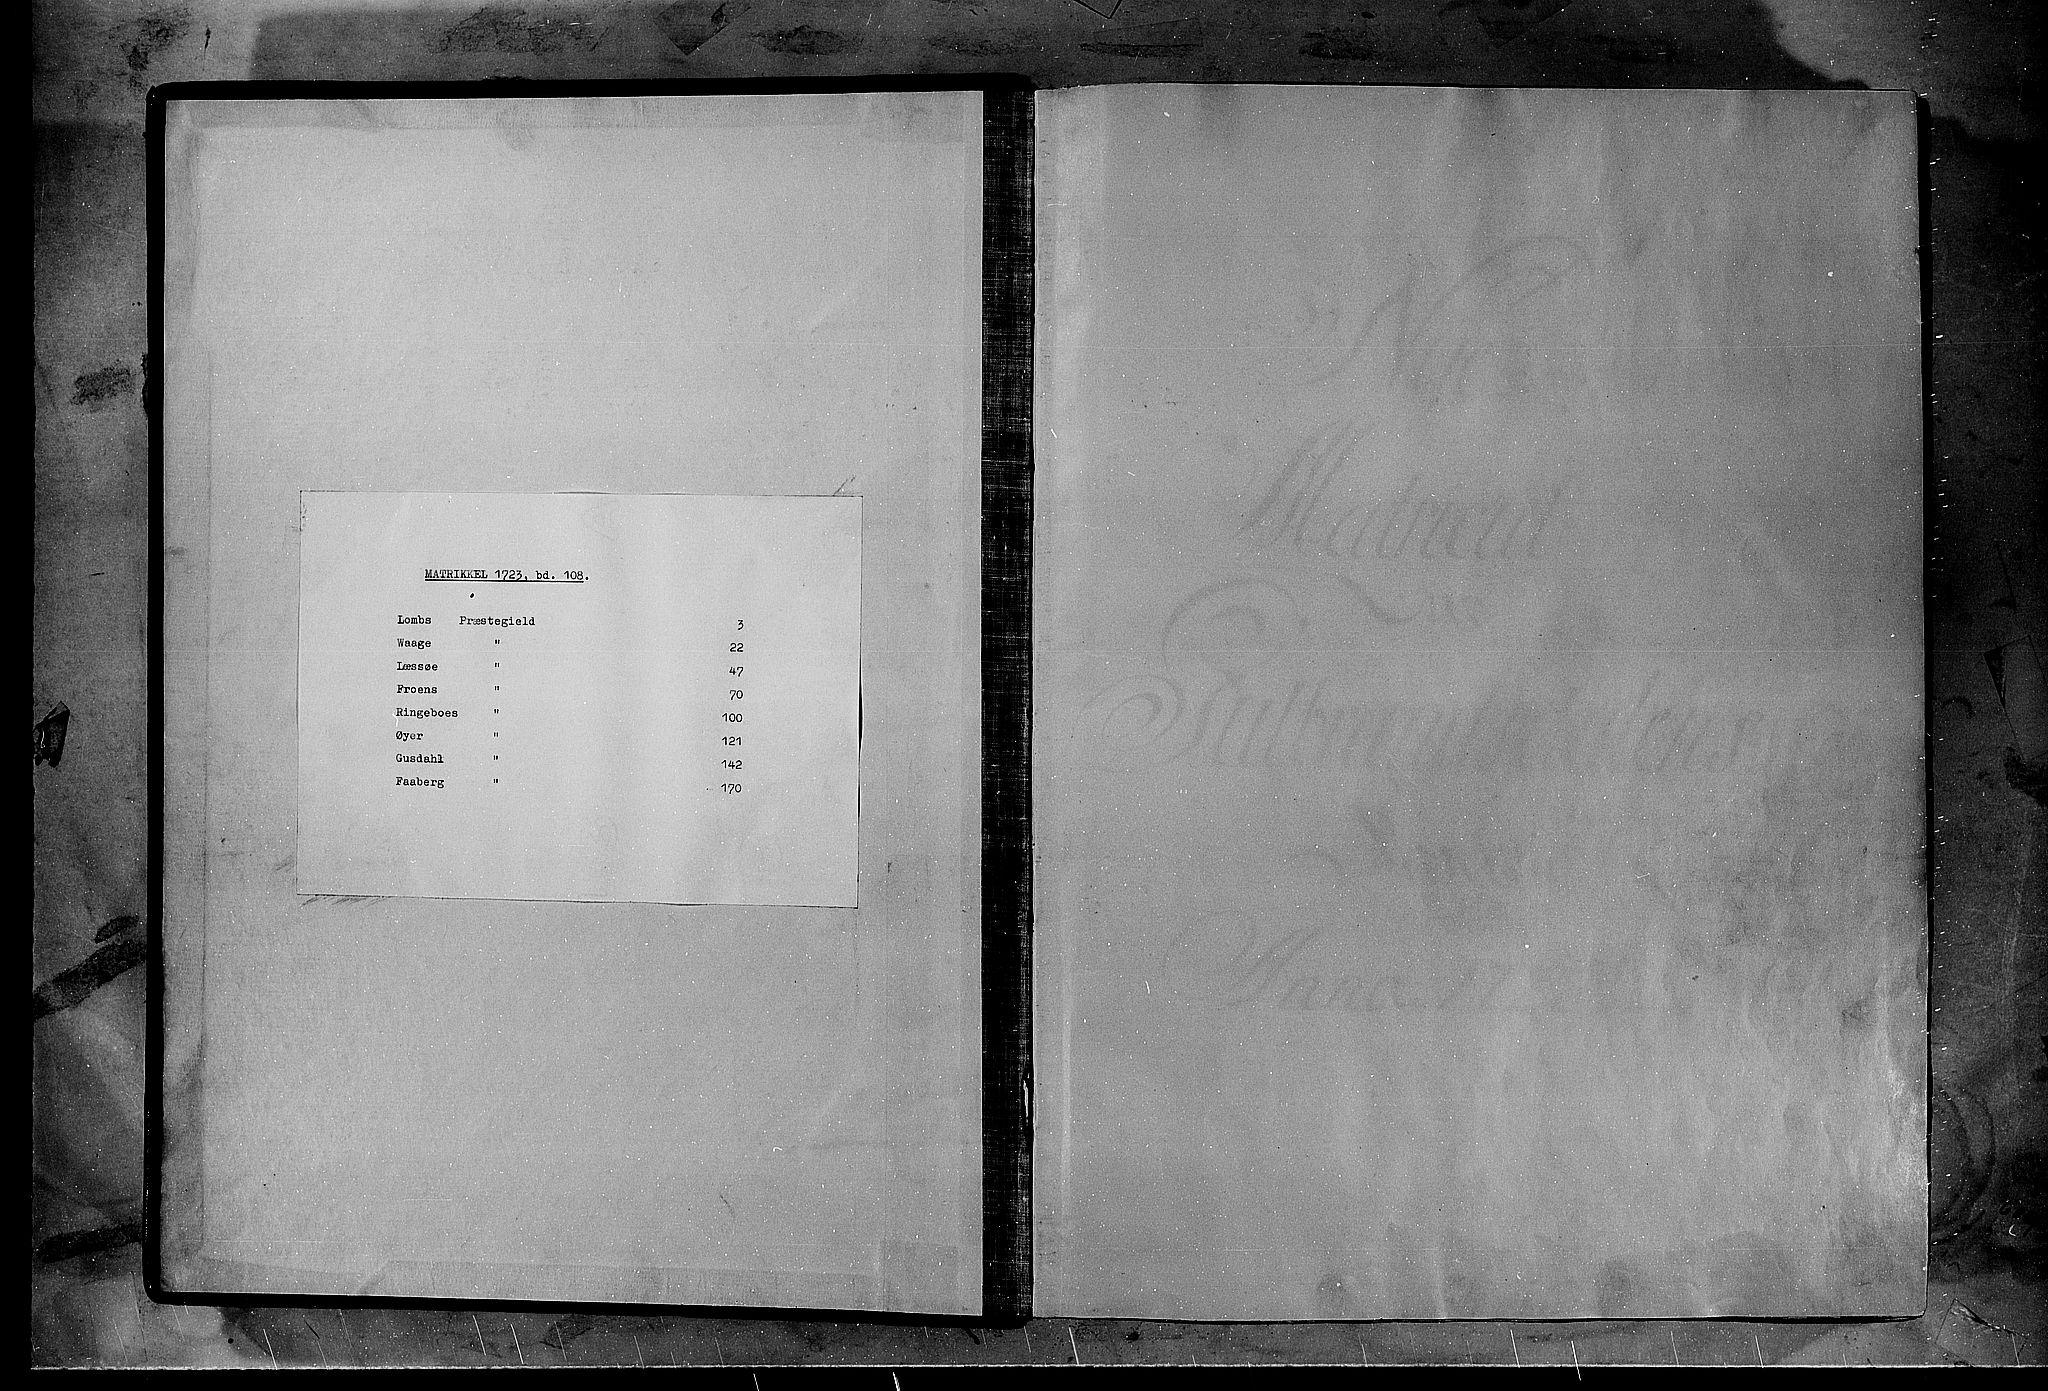 RA, Rentekammeret inntil 1814, Realistisk ordnet avdeling, N/Nb/Nbf/L0108: Gudbrandsdalen matrikkelprotokoll, 1723, s. upaginert